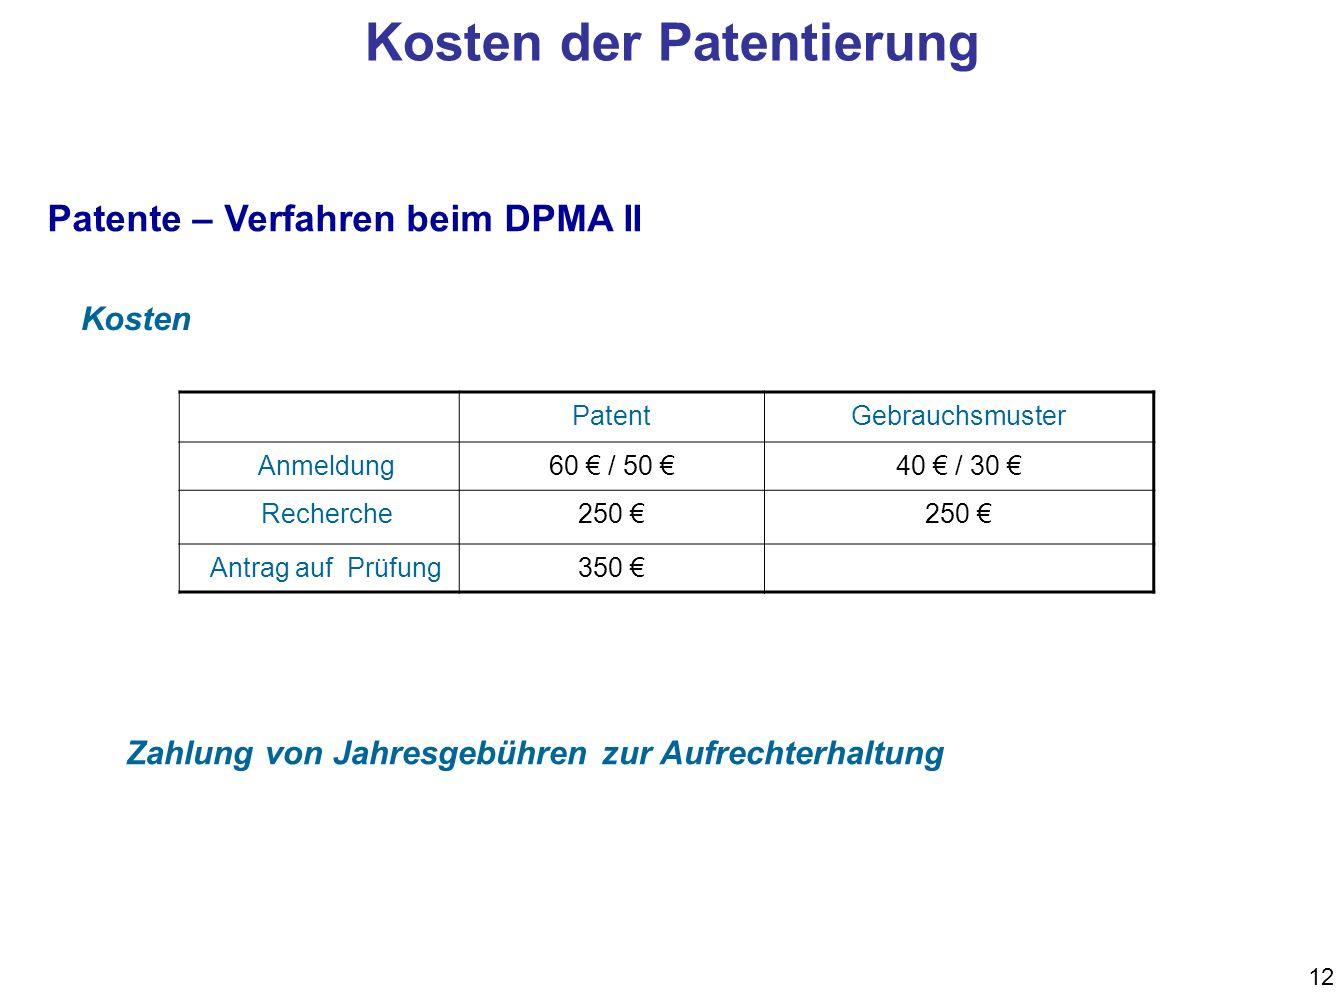 12 Zahlung von Jahresgebühren zur Aufrechterhaltung PatentGebrauchsmuster Anmeldung60 / 50 40 / 30 Recherche250 Antrag auf Prüfung350 Kosten Patente – Verfahren beim DPMA II Kosten der Patentierung